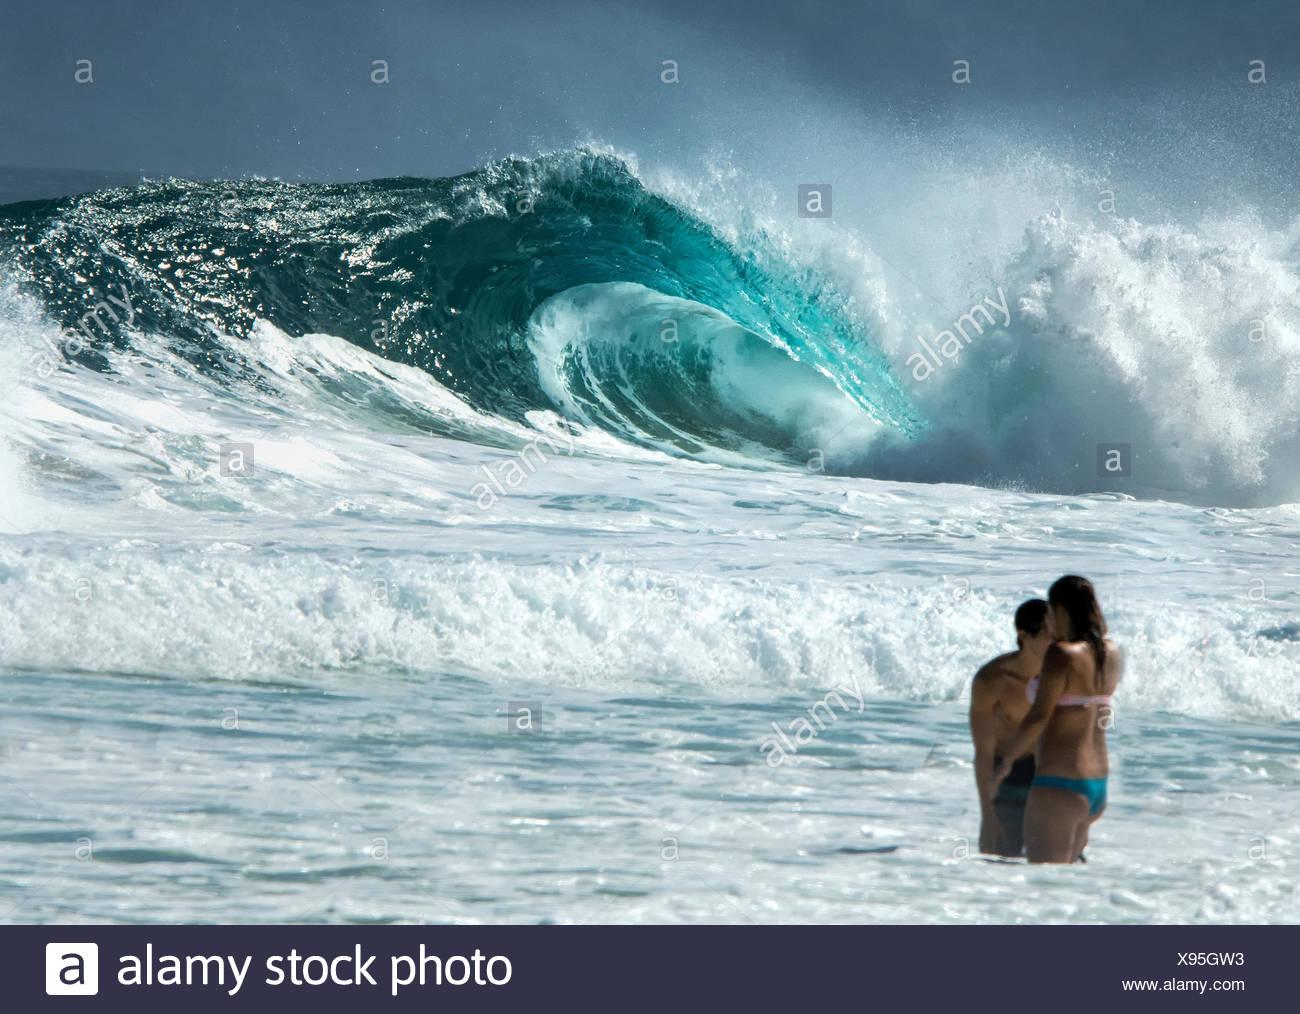 Personnes debout dans l'océan et d'énormes vagues de l'océan en arrière-plan Photo Stock